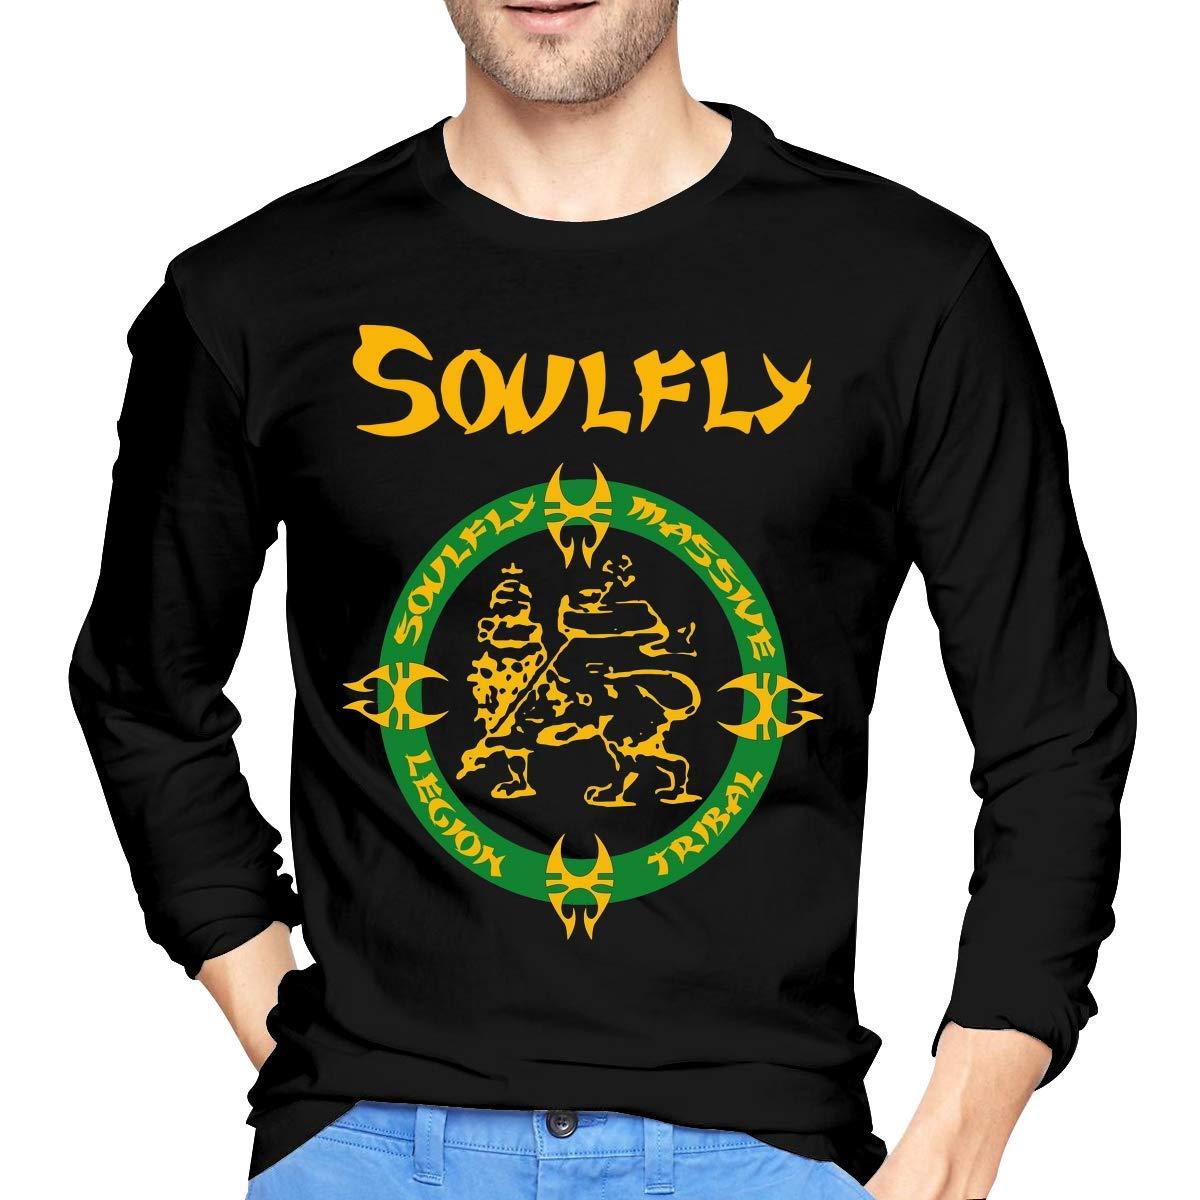 Fssatung S Soulfly Band Black Shirts